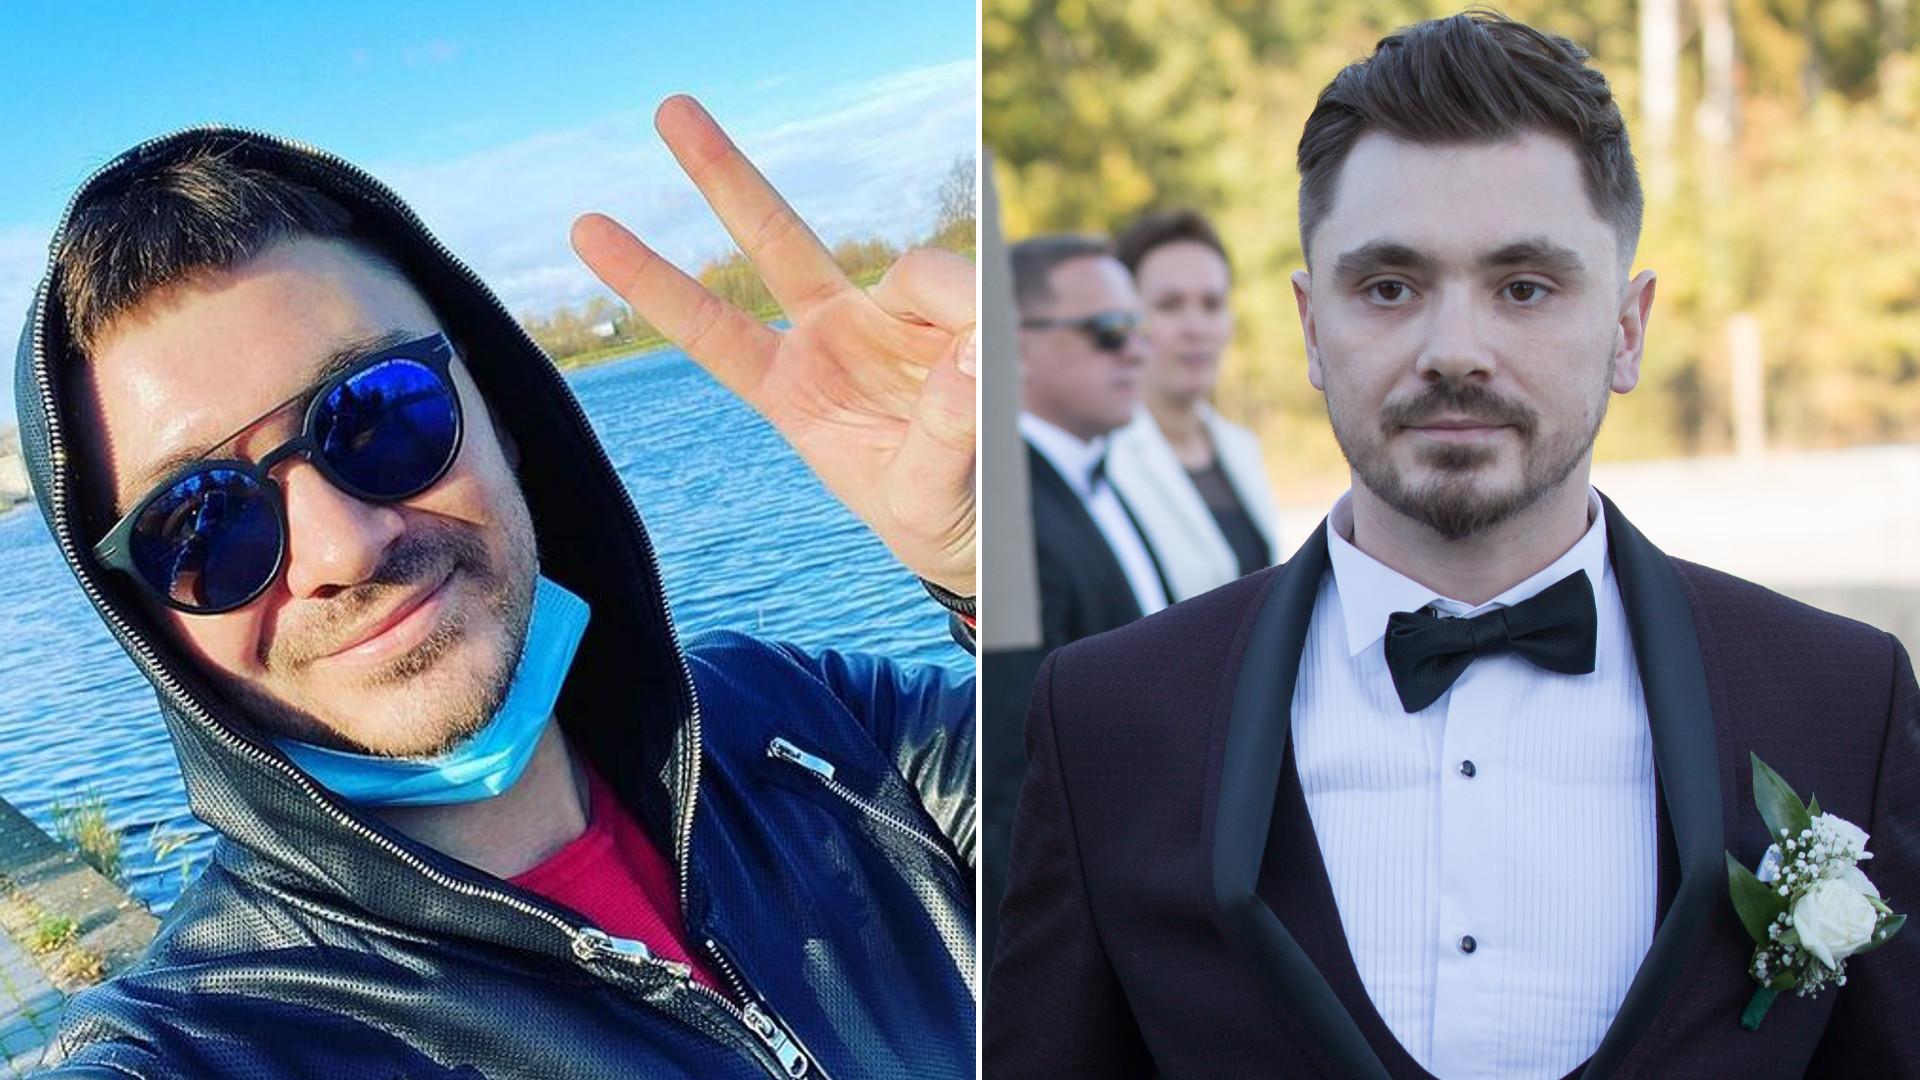 Daniel Martyniuk dodał na Instagram zdjęcie z byłą żoną! Wrócili do siebie?